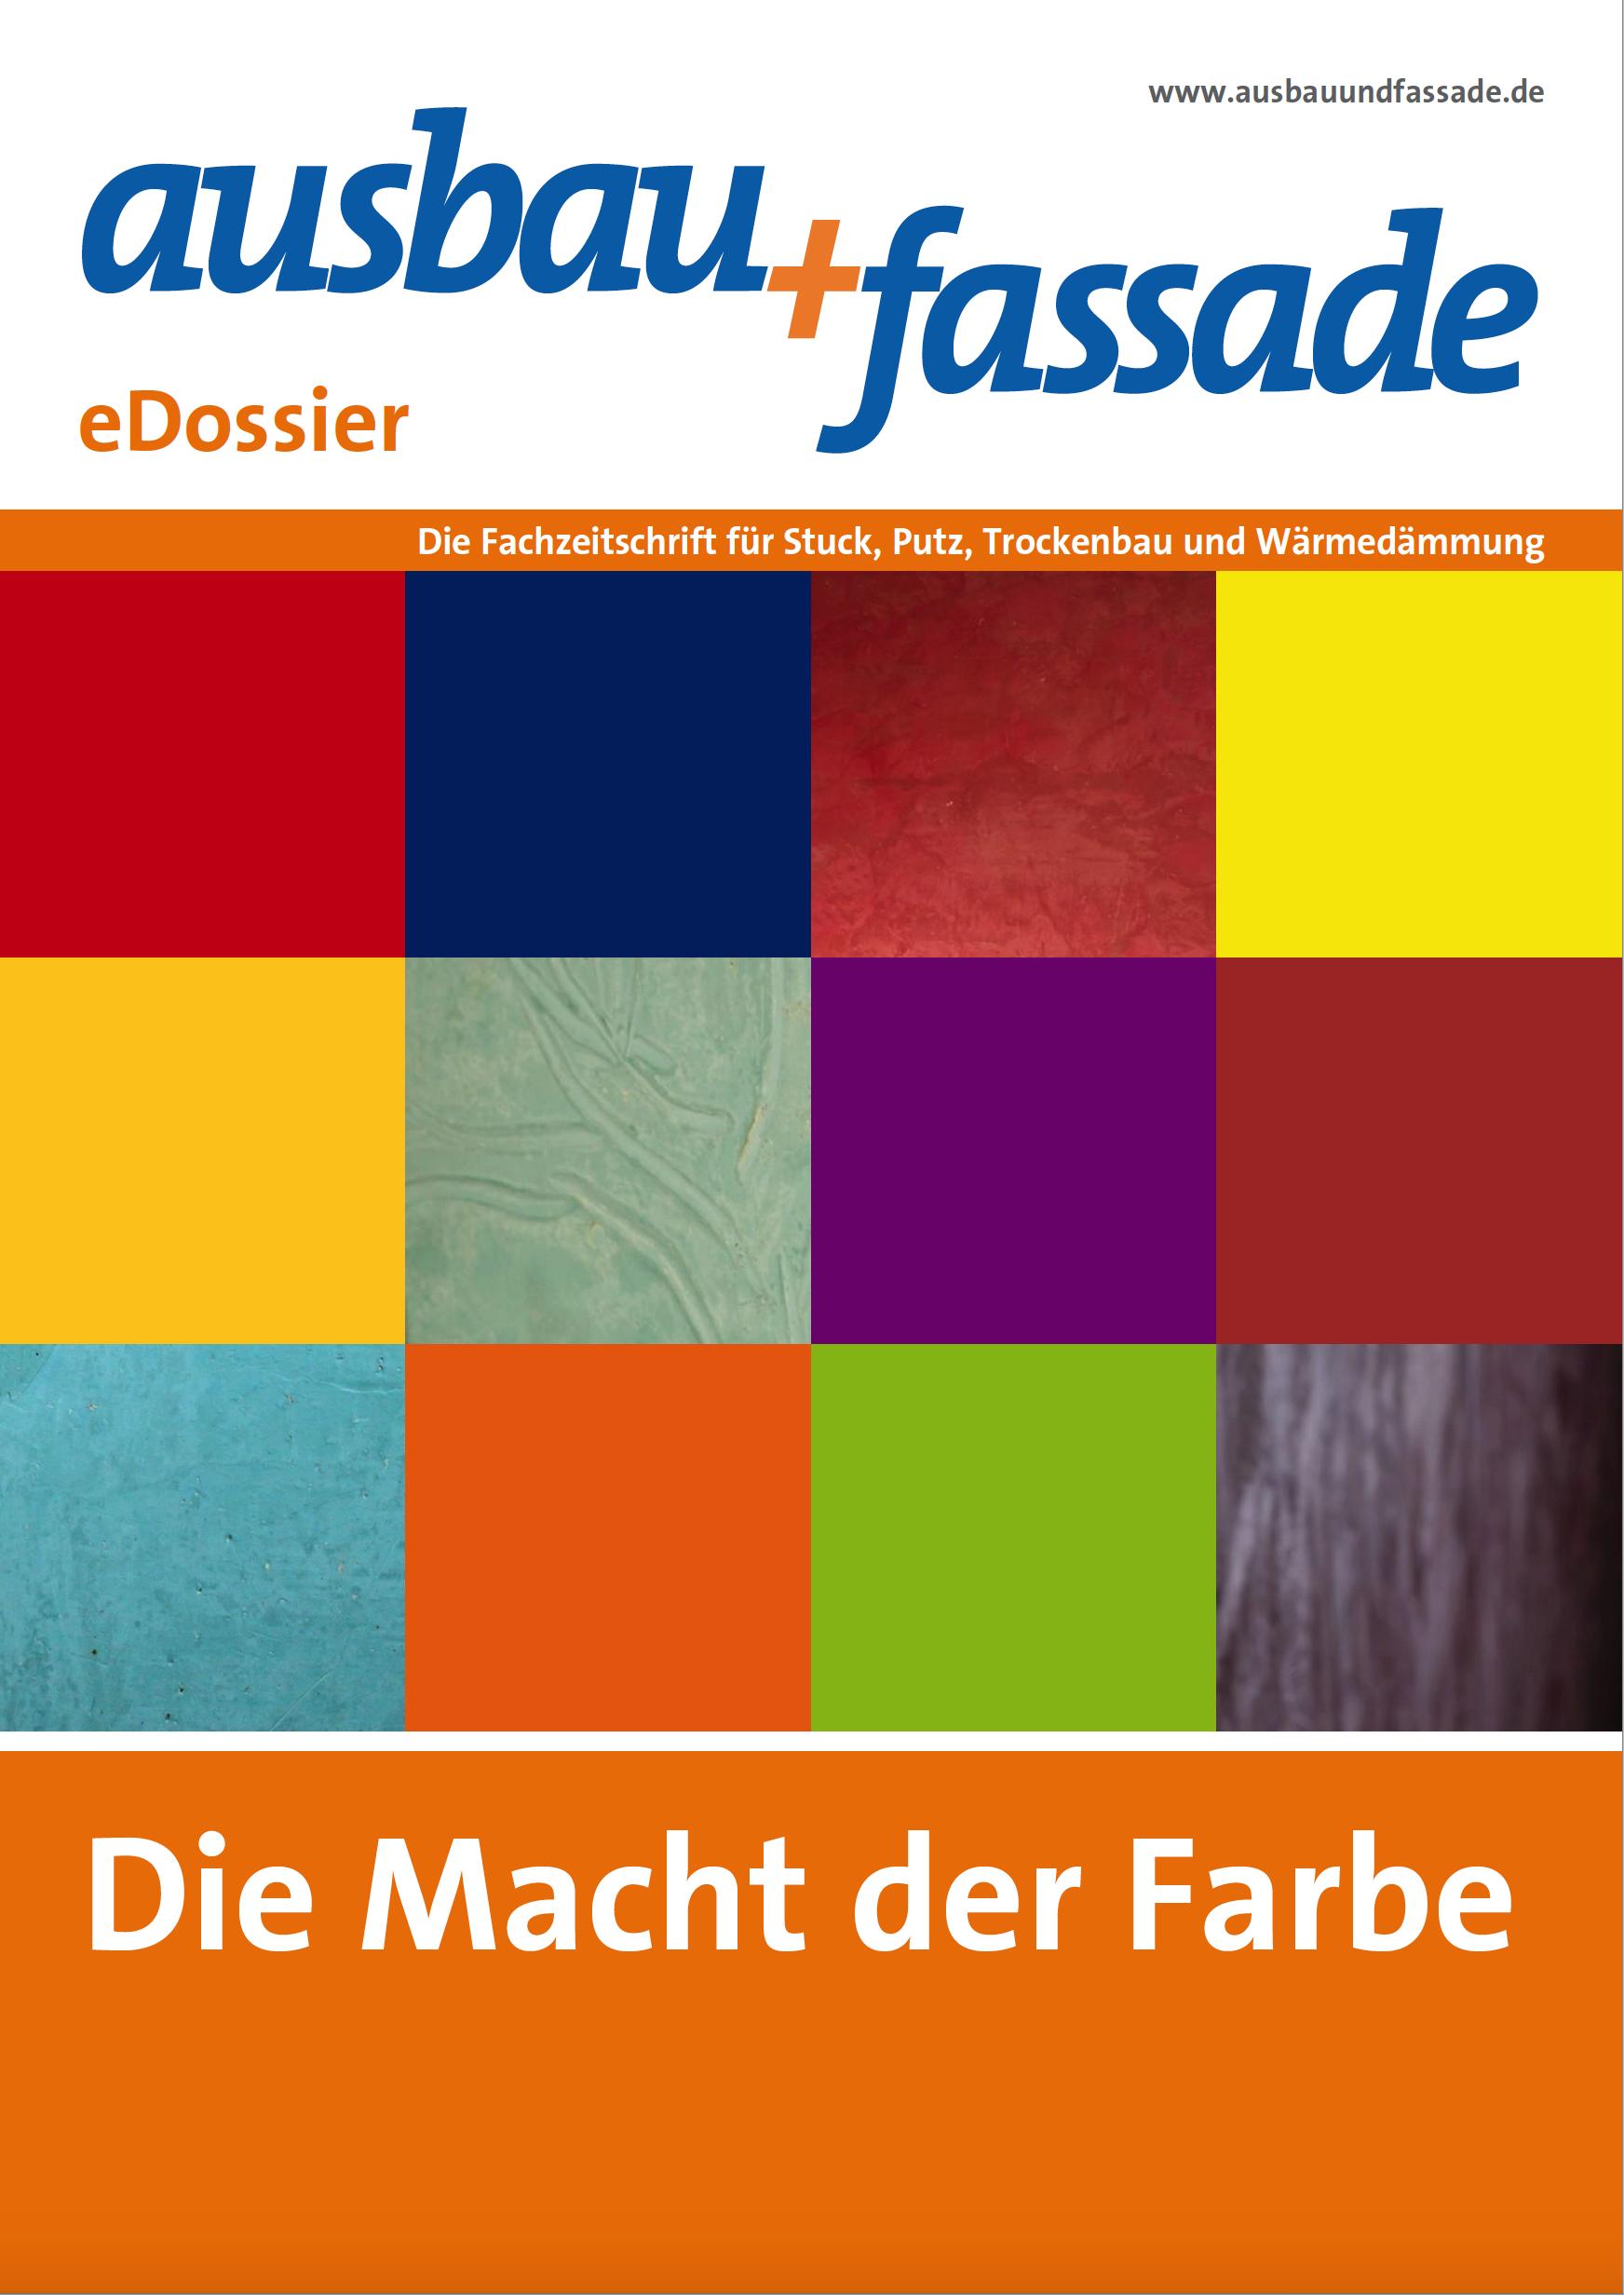 edossier_Macht_der_Farbe8 Ausbau und Fassade - Einfache Mittel, große Wirkung